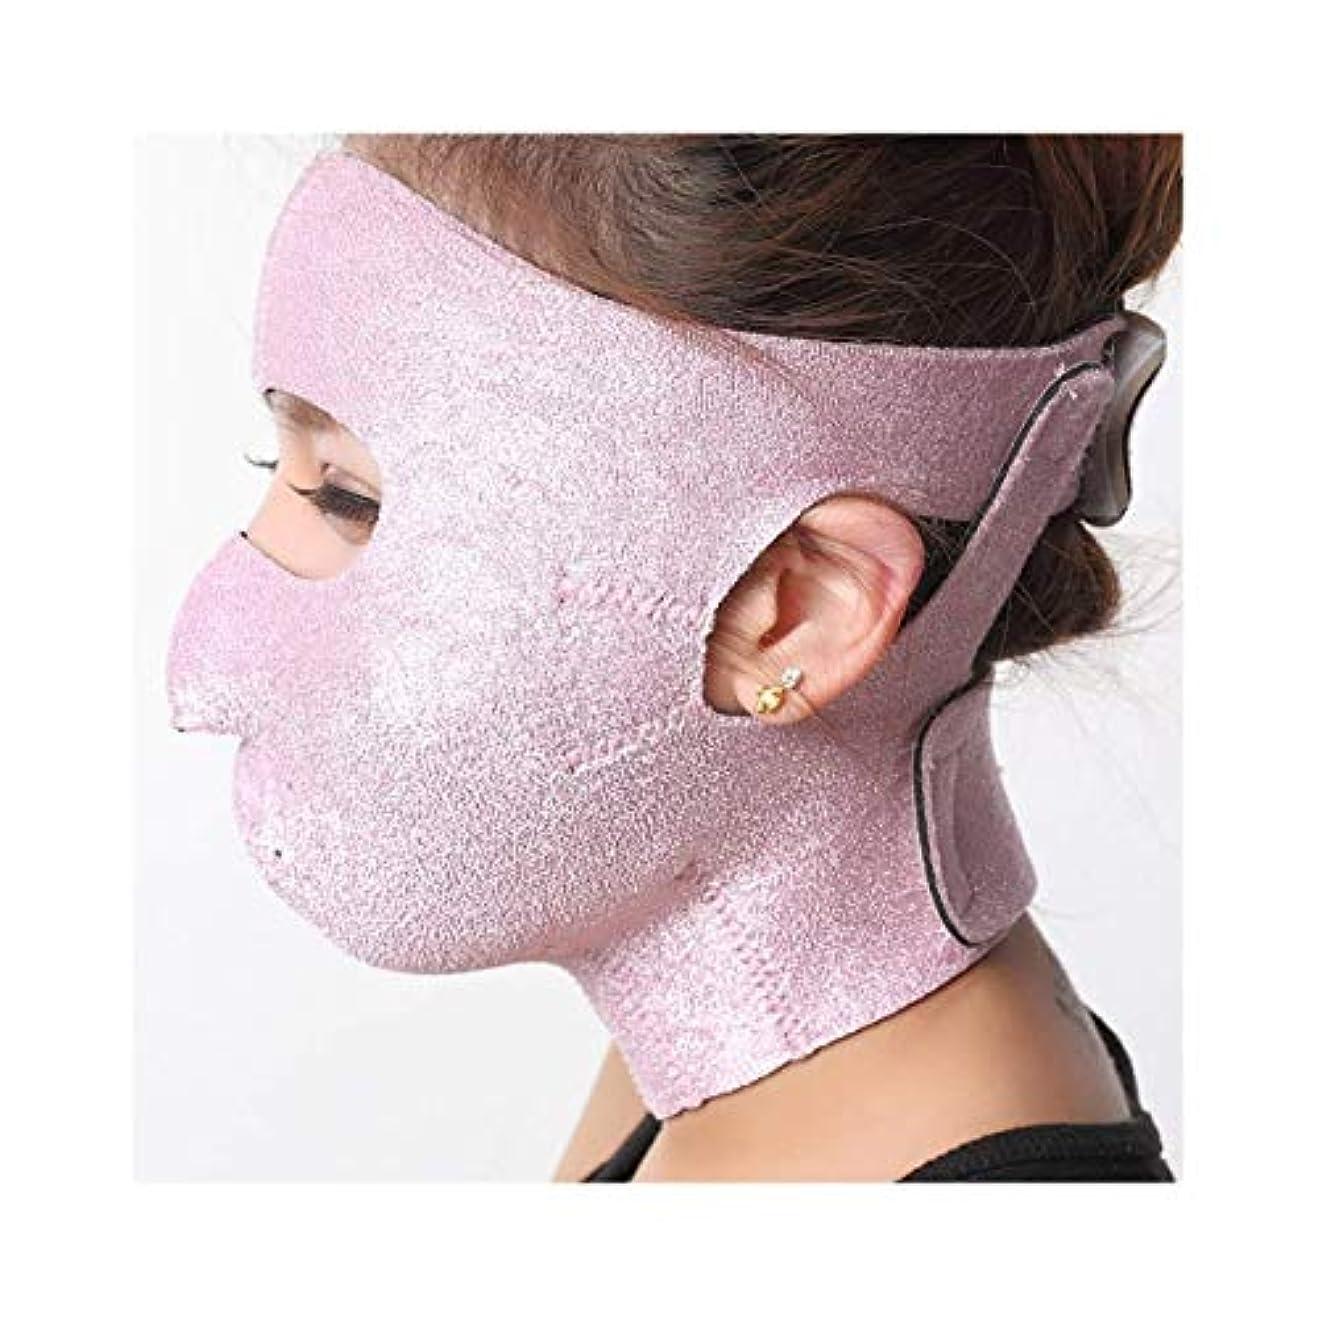 奴隷研究敬礼ファーミングフェイスマスク、スモールVフェイスアーティファクトSクリームフェイスリフトフェイスメロンフェイスインストゥルメントを引き締めるリフティングマスク付きリープ薄型フェイスバンデージマスク